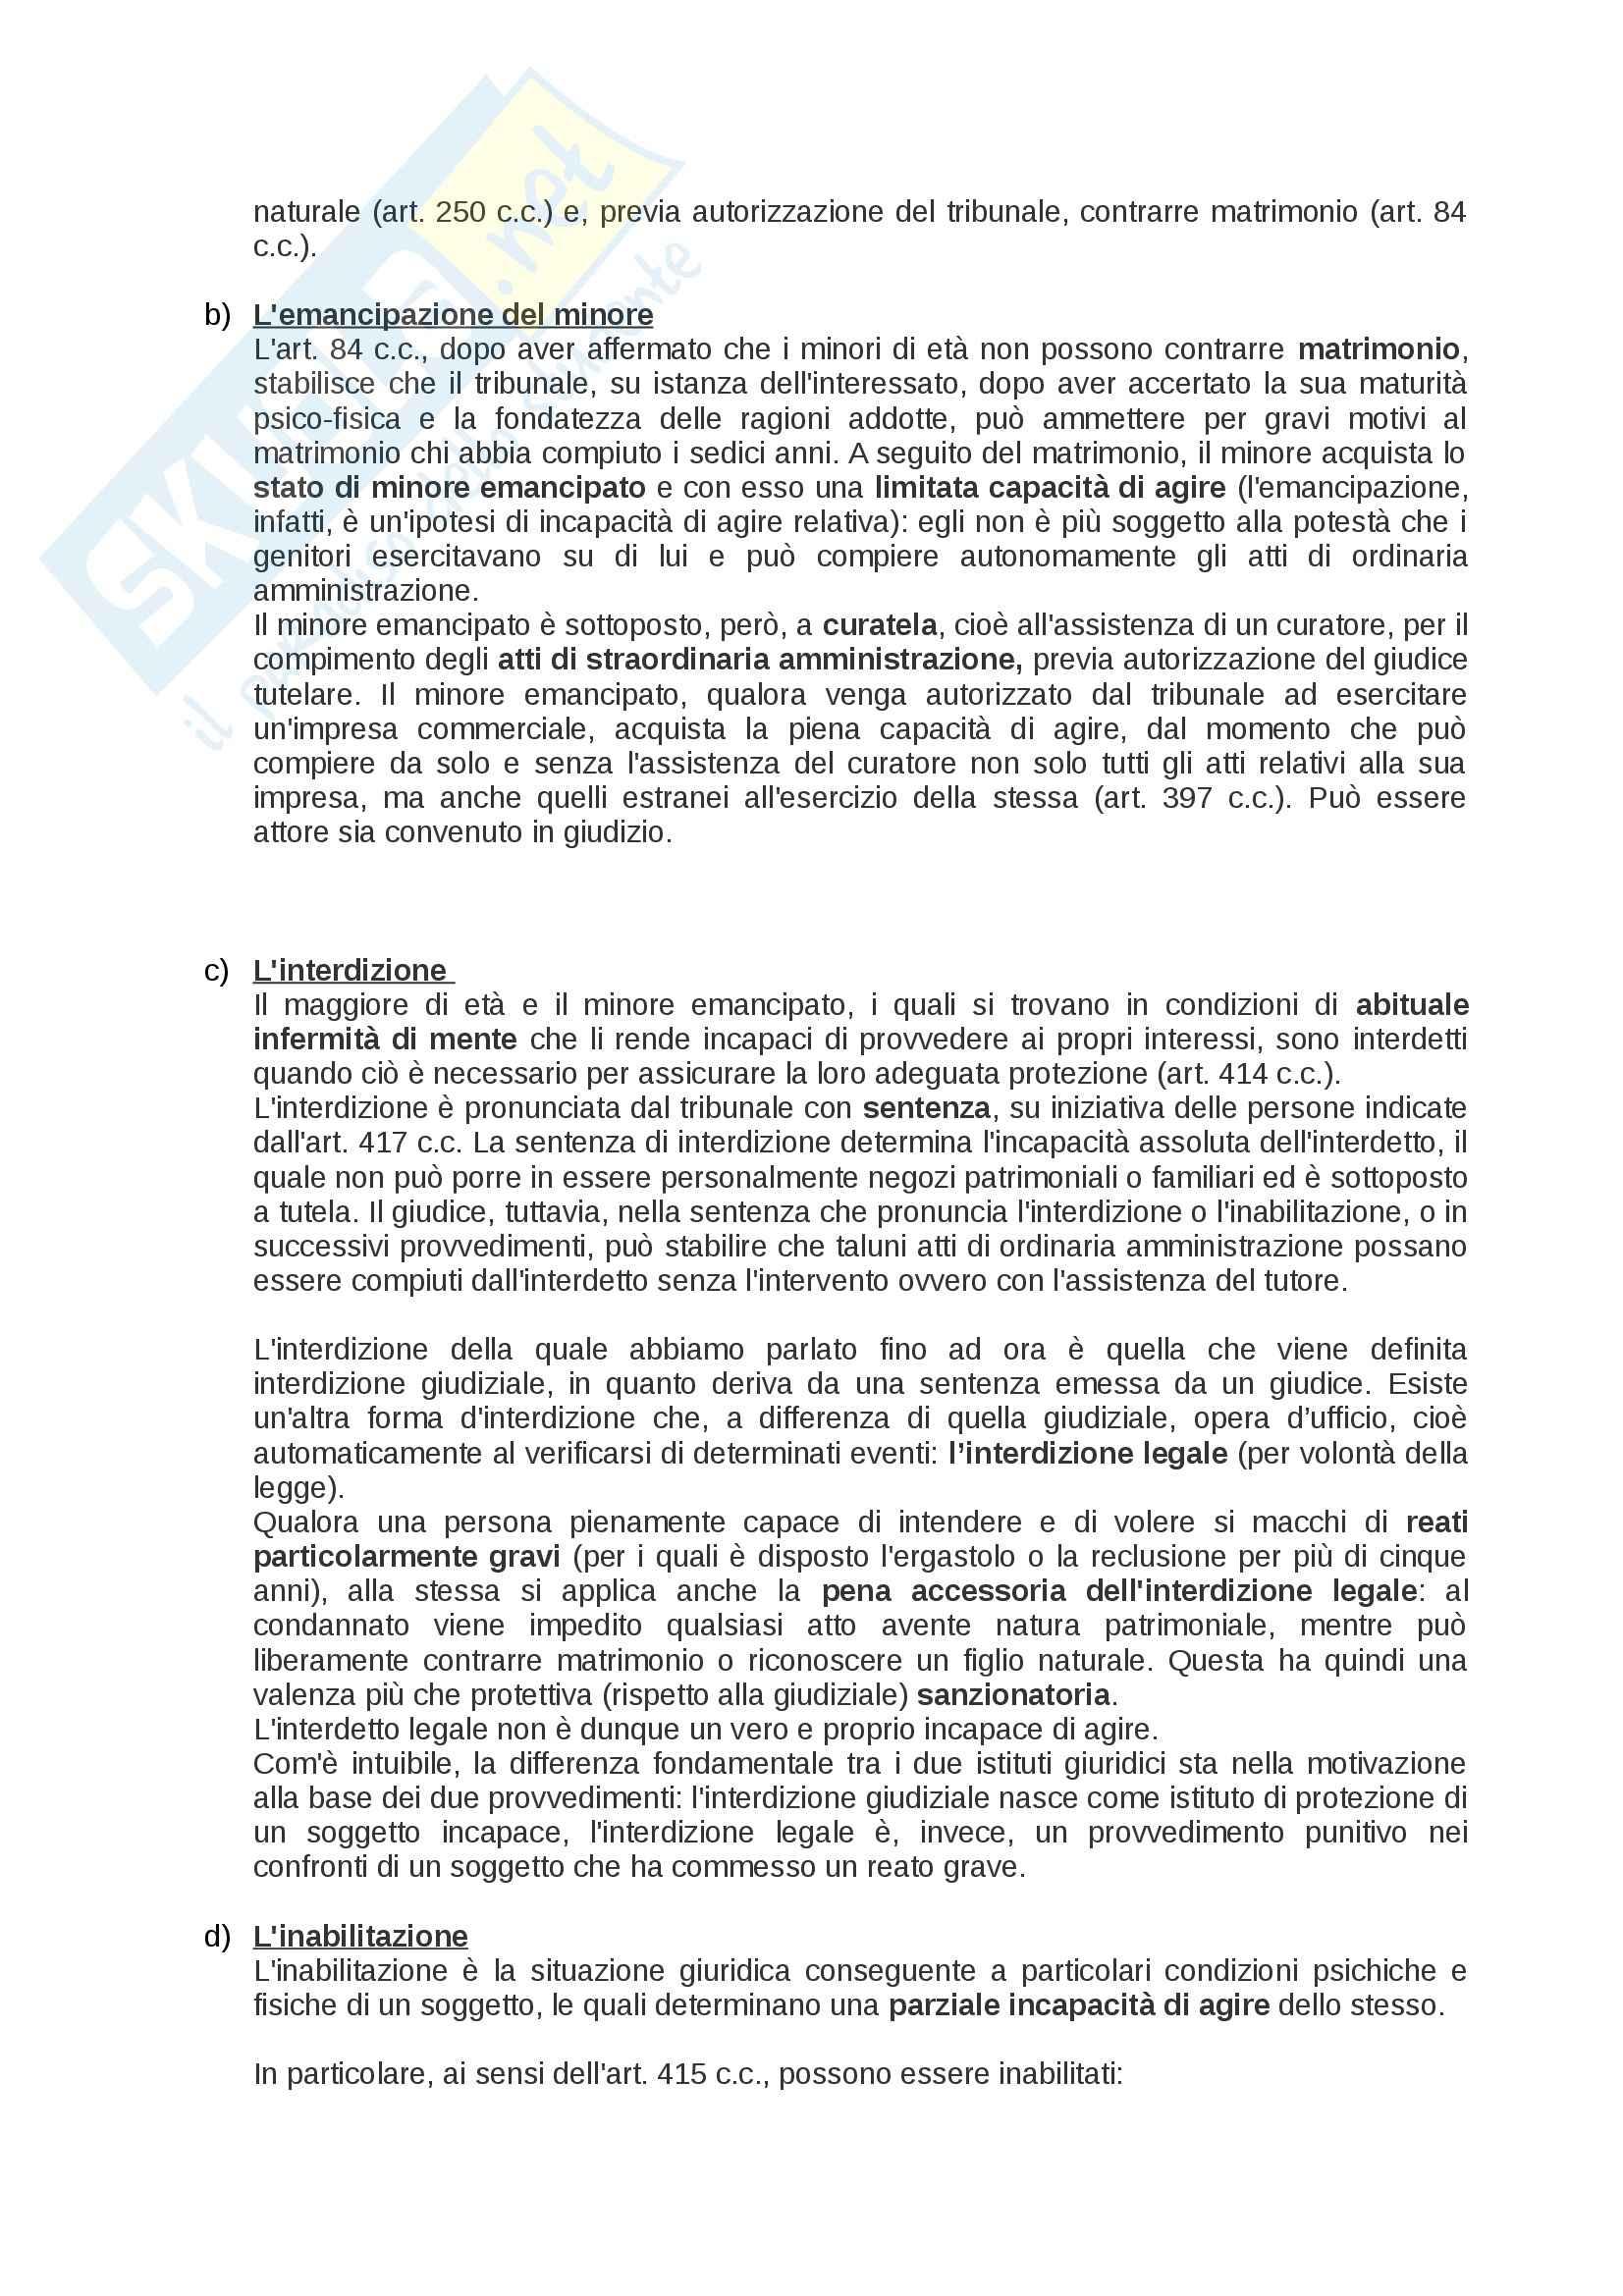 Riassunto esame Diritto privato: soggetti, beni, fatti, enti, prof. Rossi Pag. 6